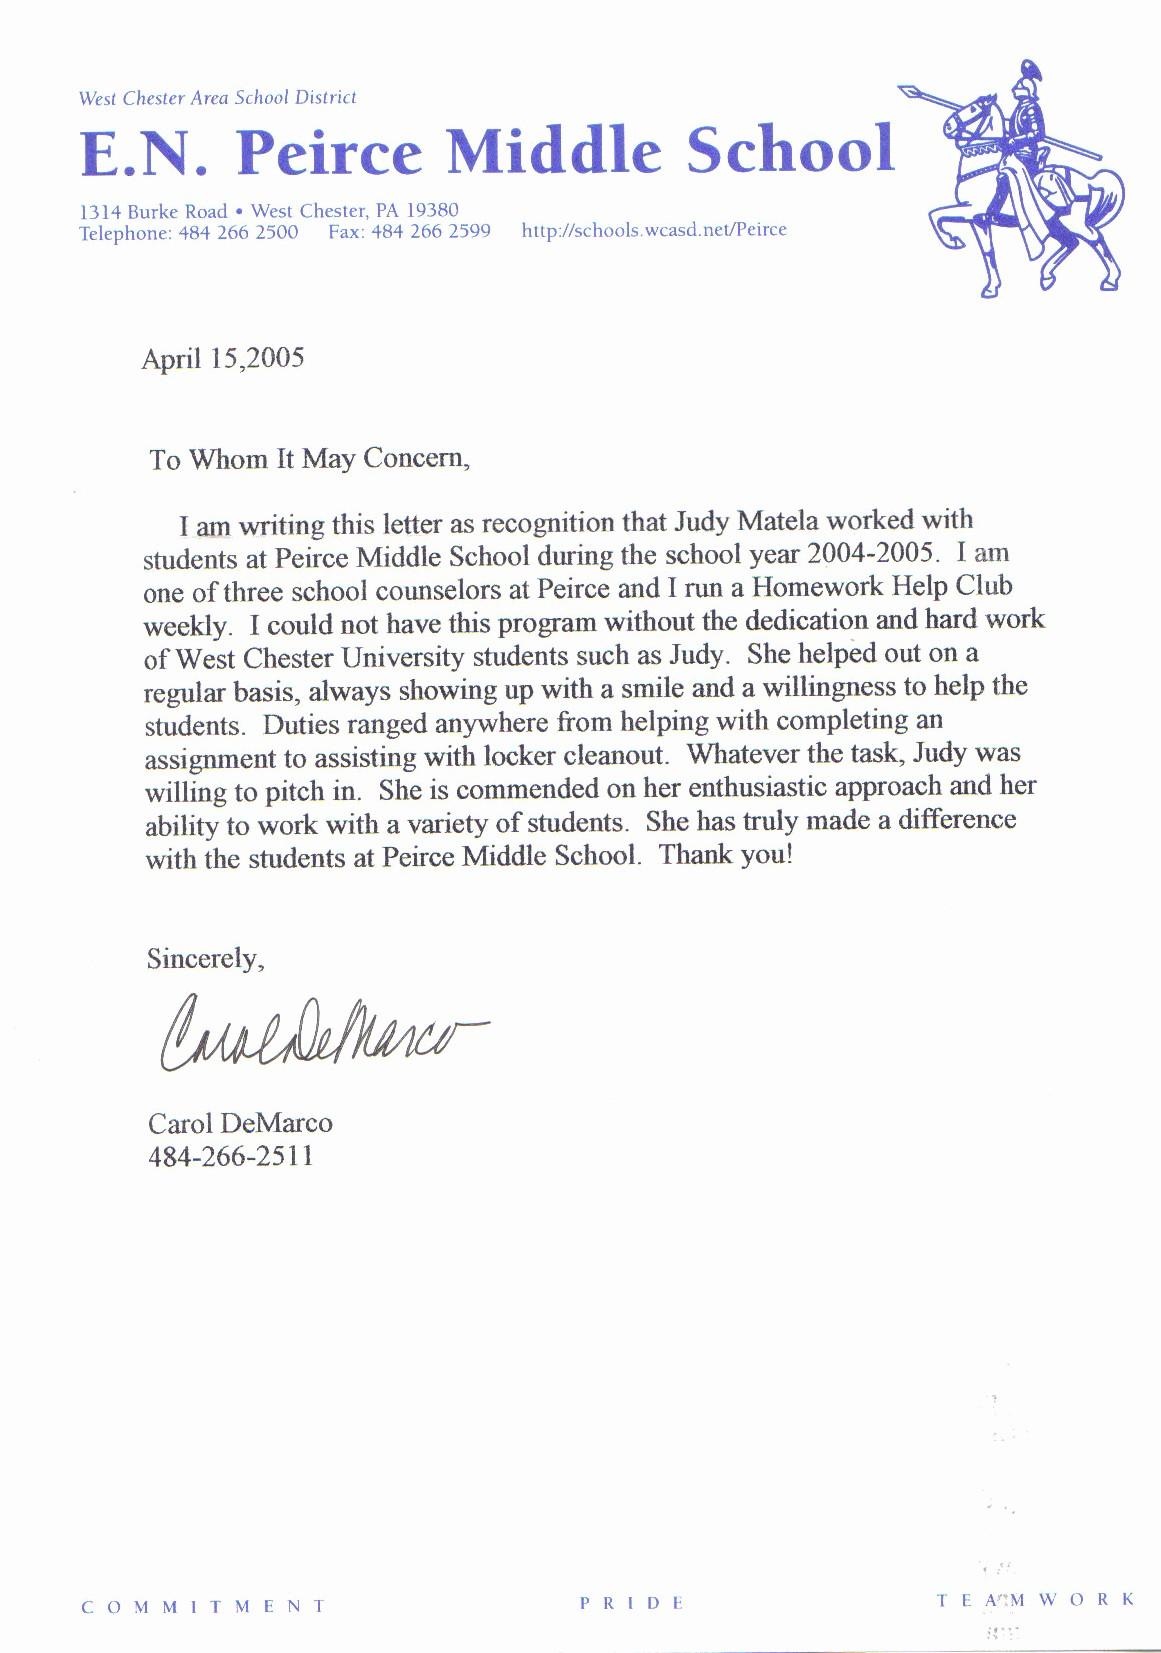 Letter Of Reference for Teachers Lovely Sample Letter Of Re Mendation for Teacher